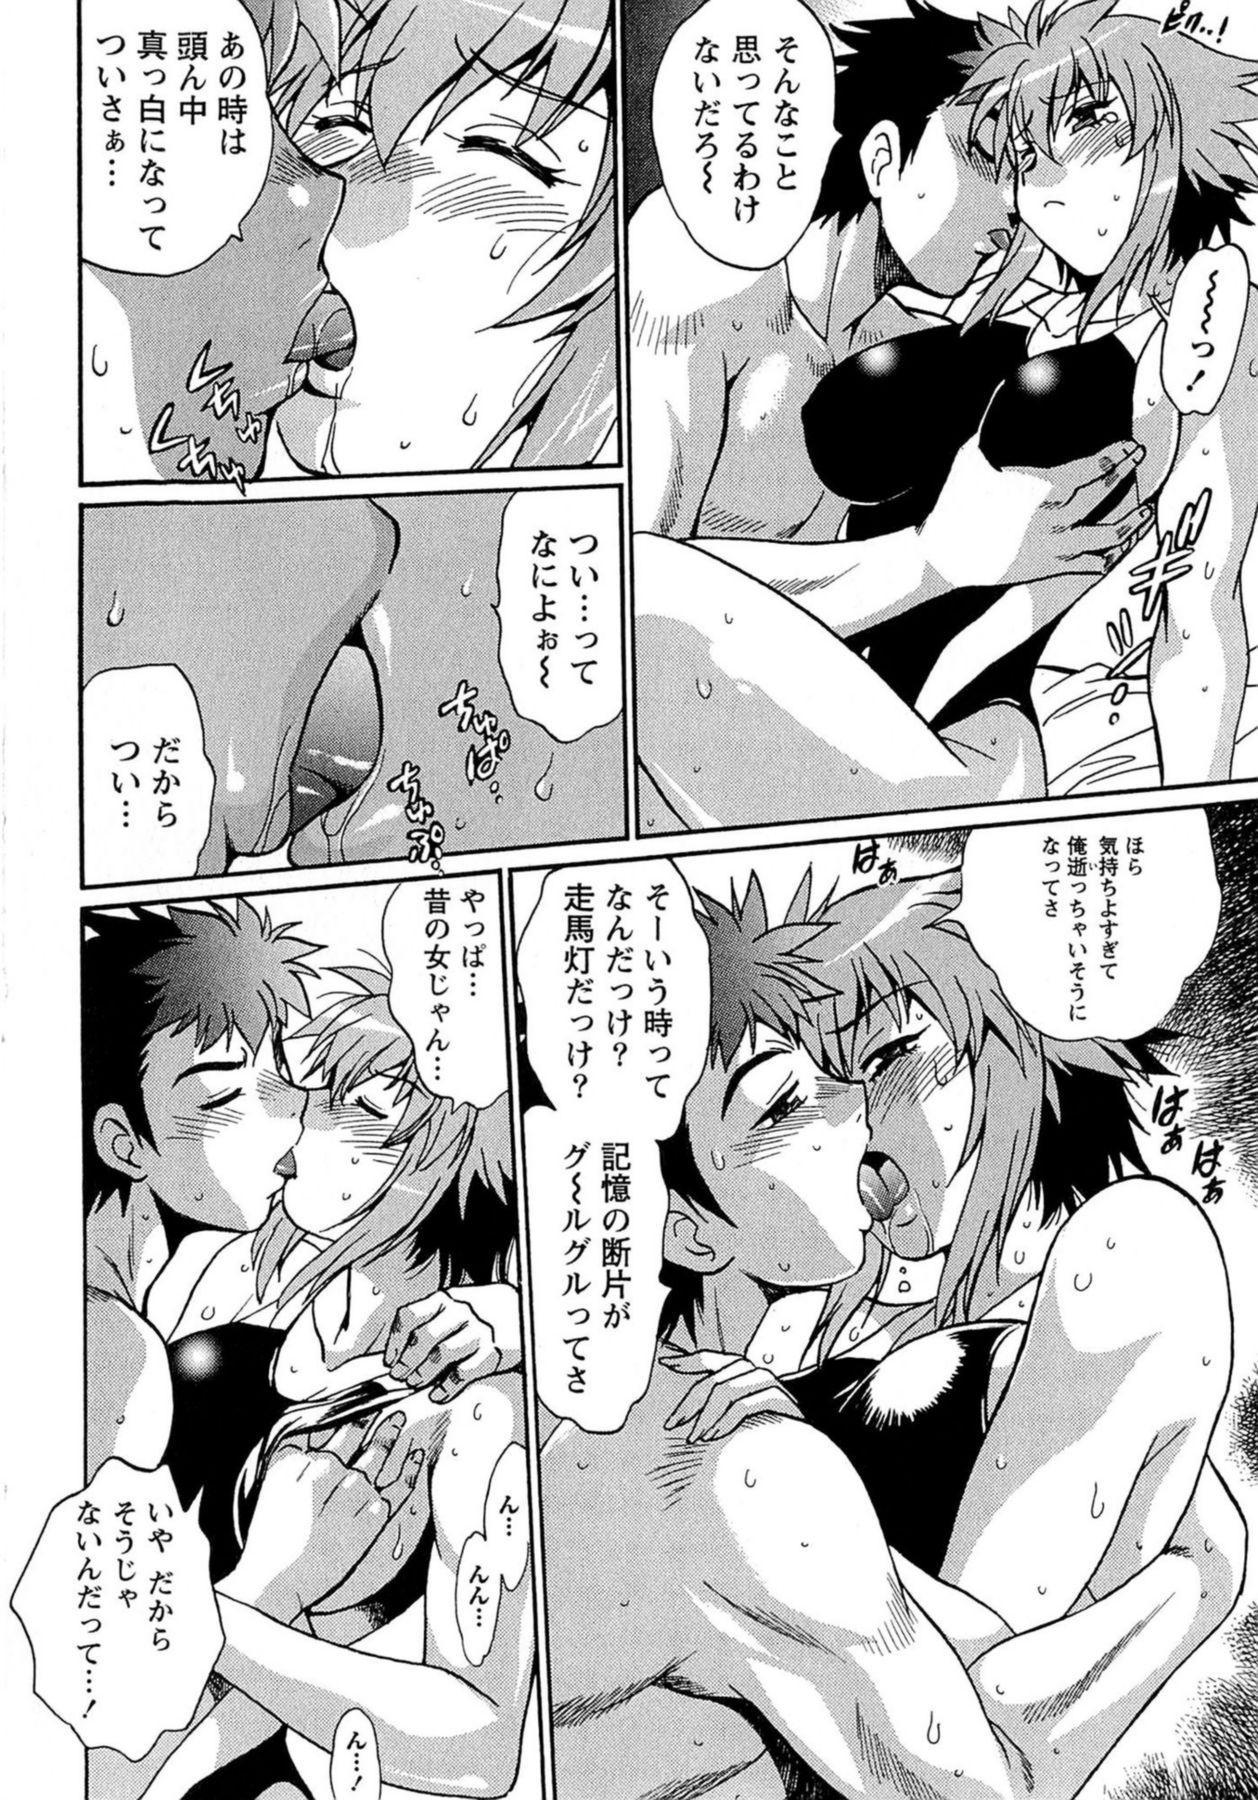 Kuikomi wo Naoshiteru Hima wa Nai! Vol. 1 160